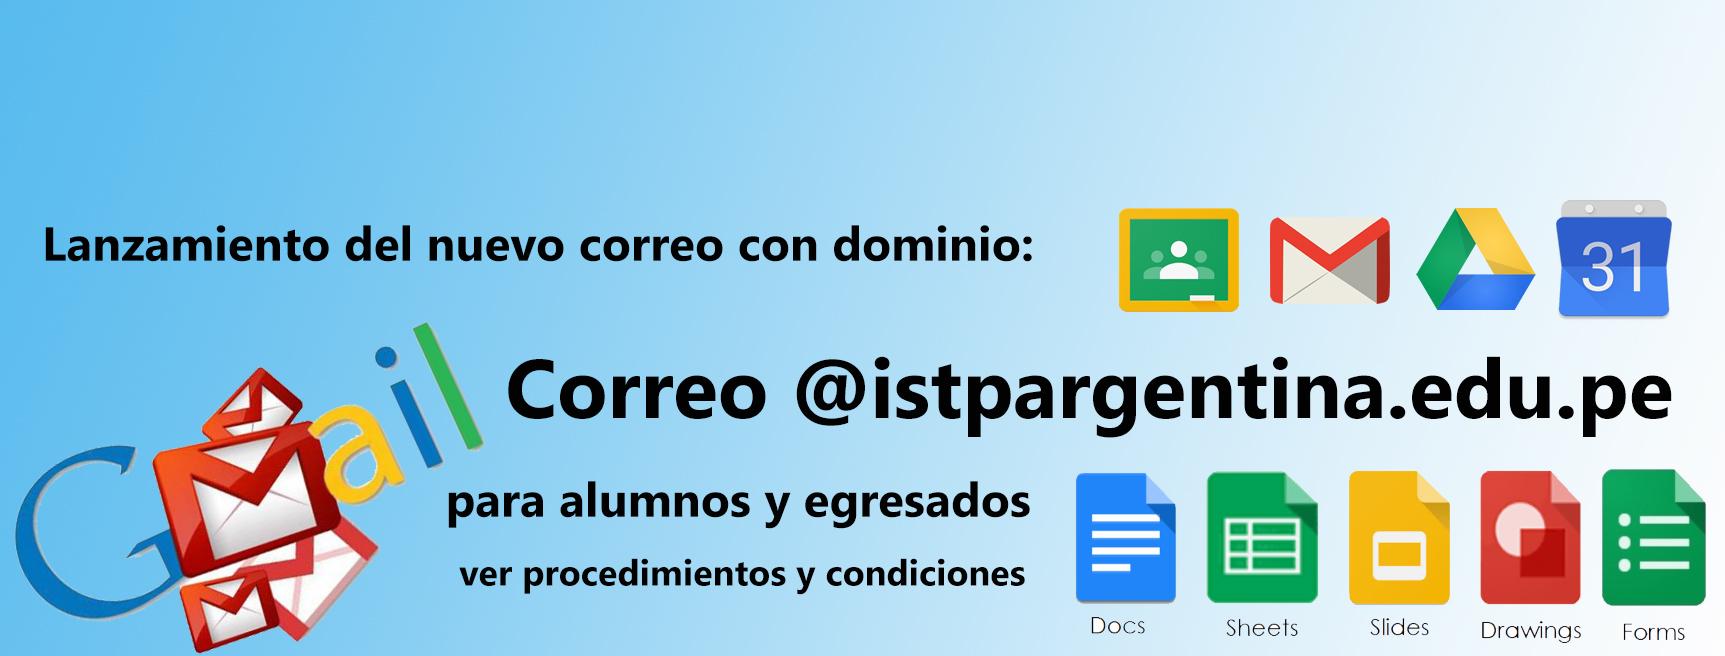 Coreos1